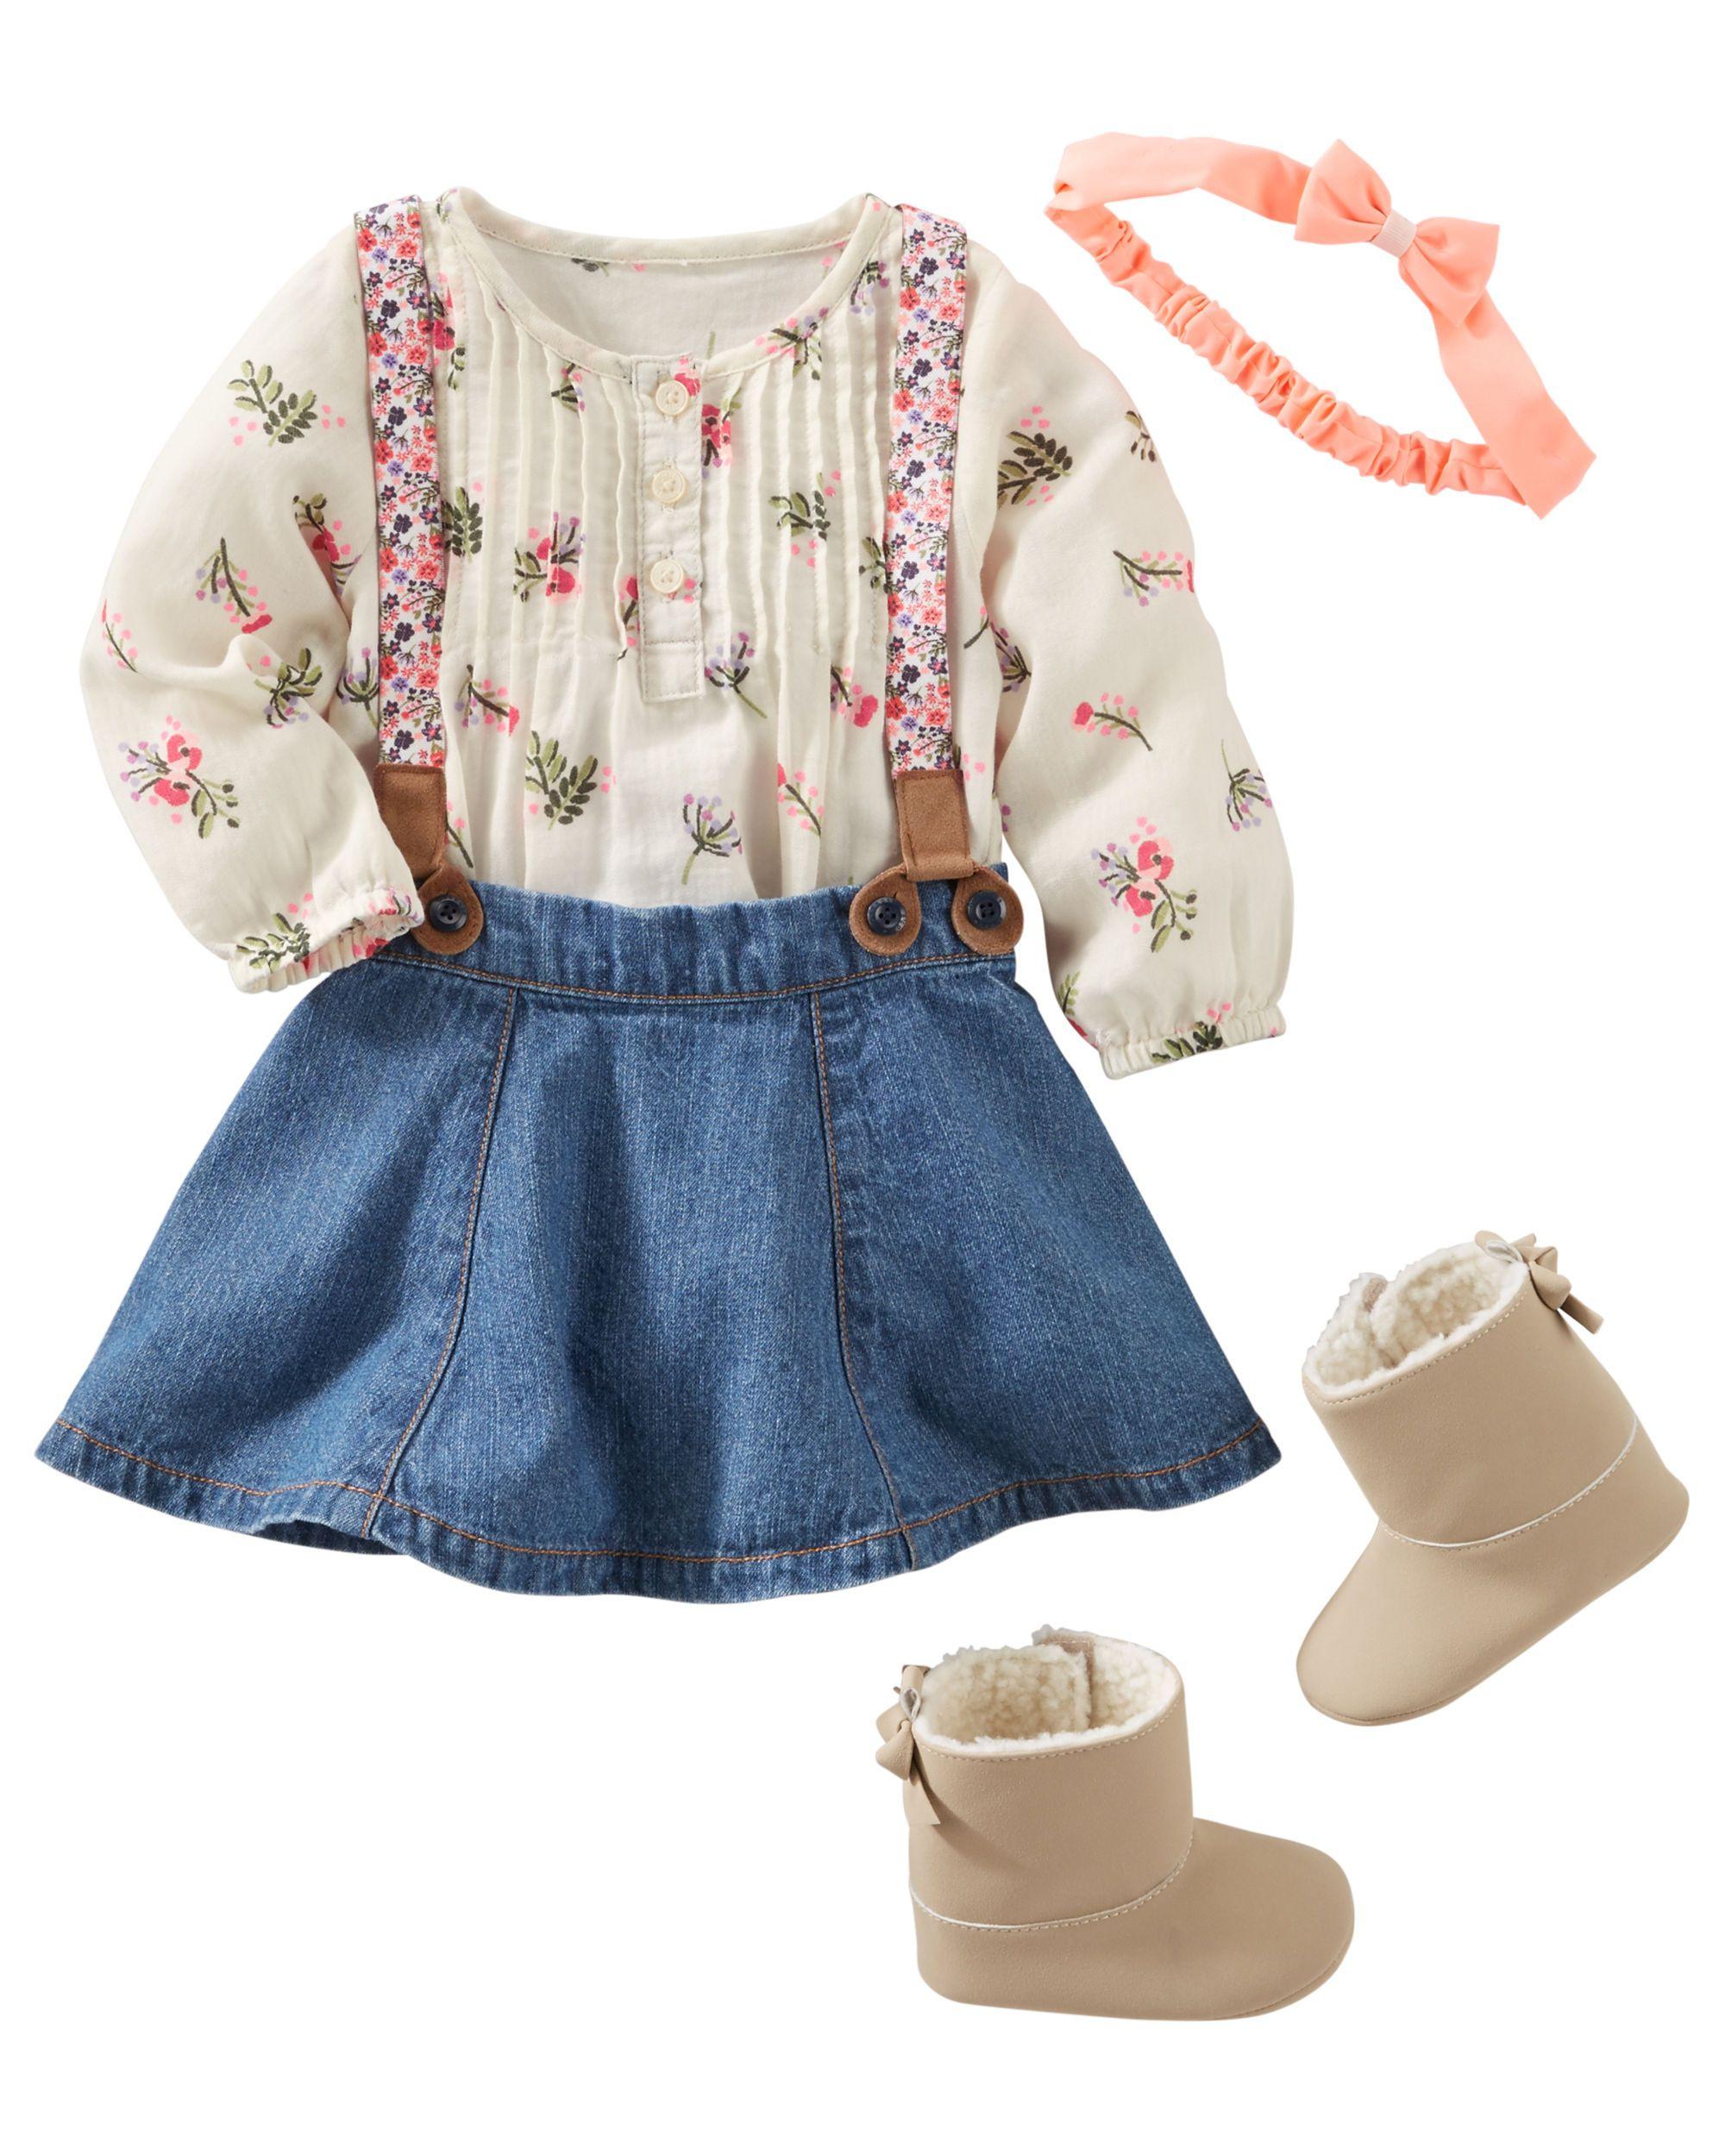 Baby Girl OKF16AUGBABY9 from OshKosh B gosh Shop clothing